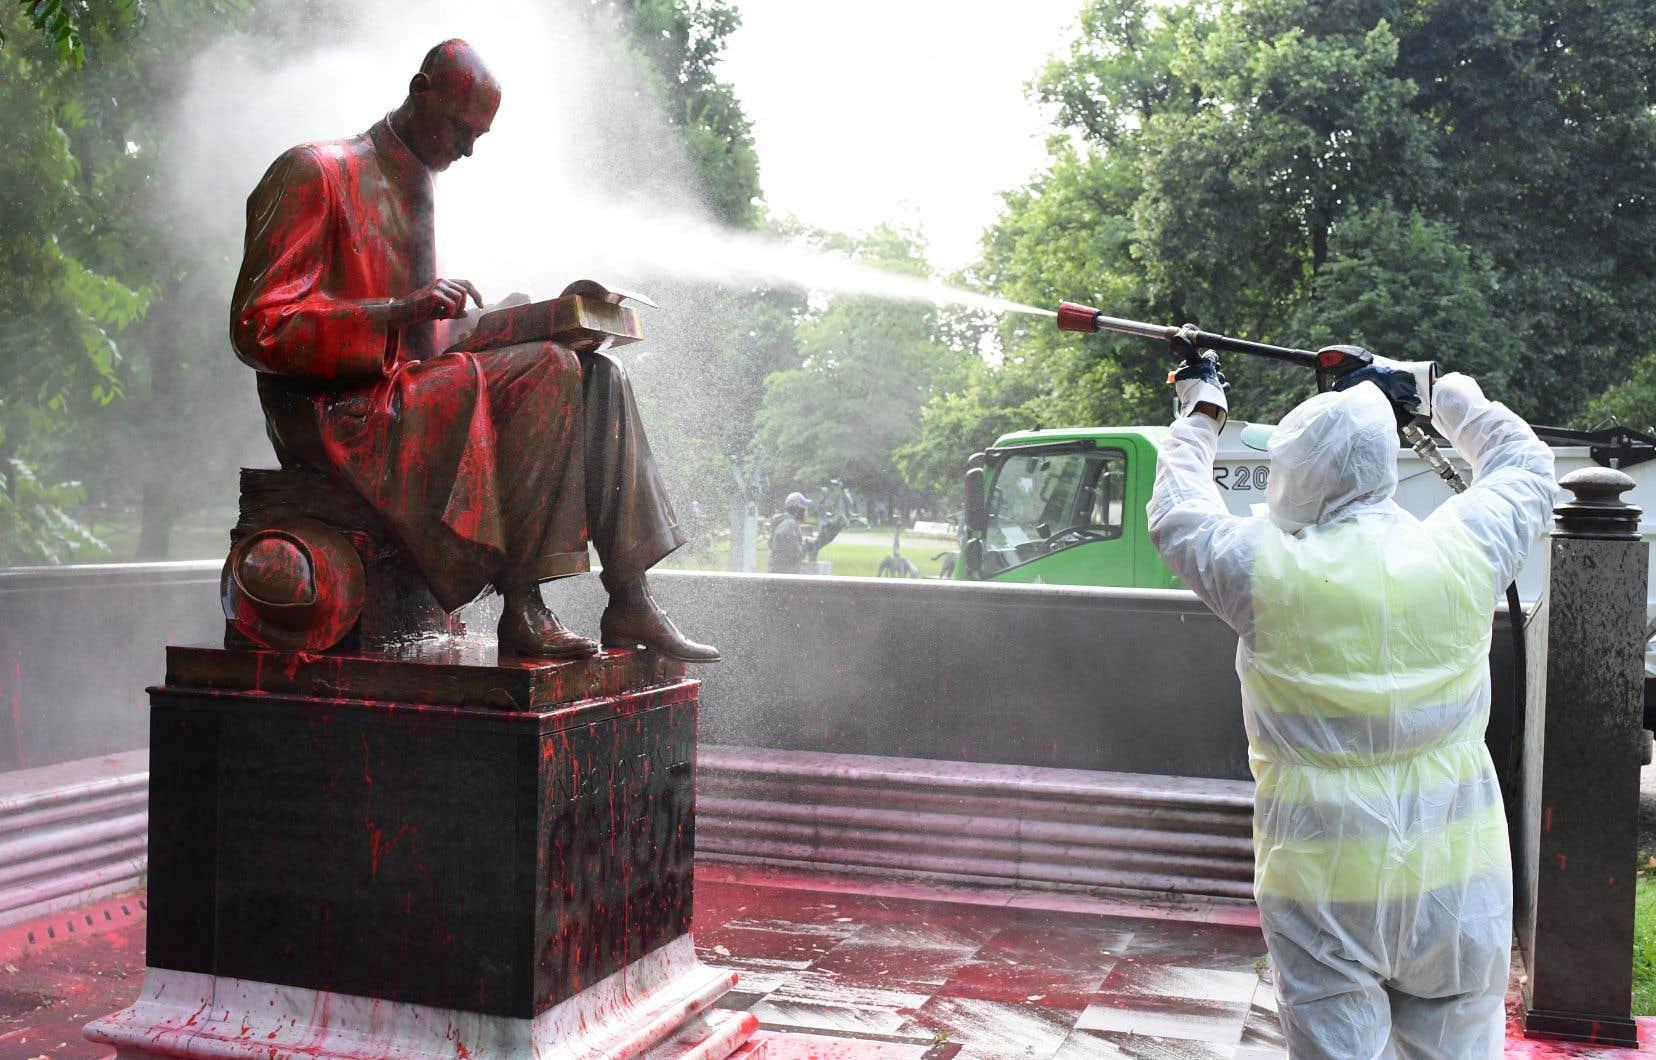 Un employé municipal nettoyait dimanche à Milan la statue représentant Indro Montanelli, un célèbre journaliste italien, après qu'elle eut été aspergée de peinture rouge par des inconnus l'accusant de «racisme» et de «colonialisme». Il s'agit de la première statue attaquée en Italie dans la vague de manifestations suscitées dans le monde par l'affaire George Floyd.